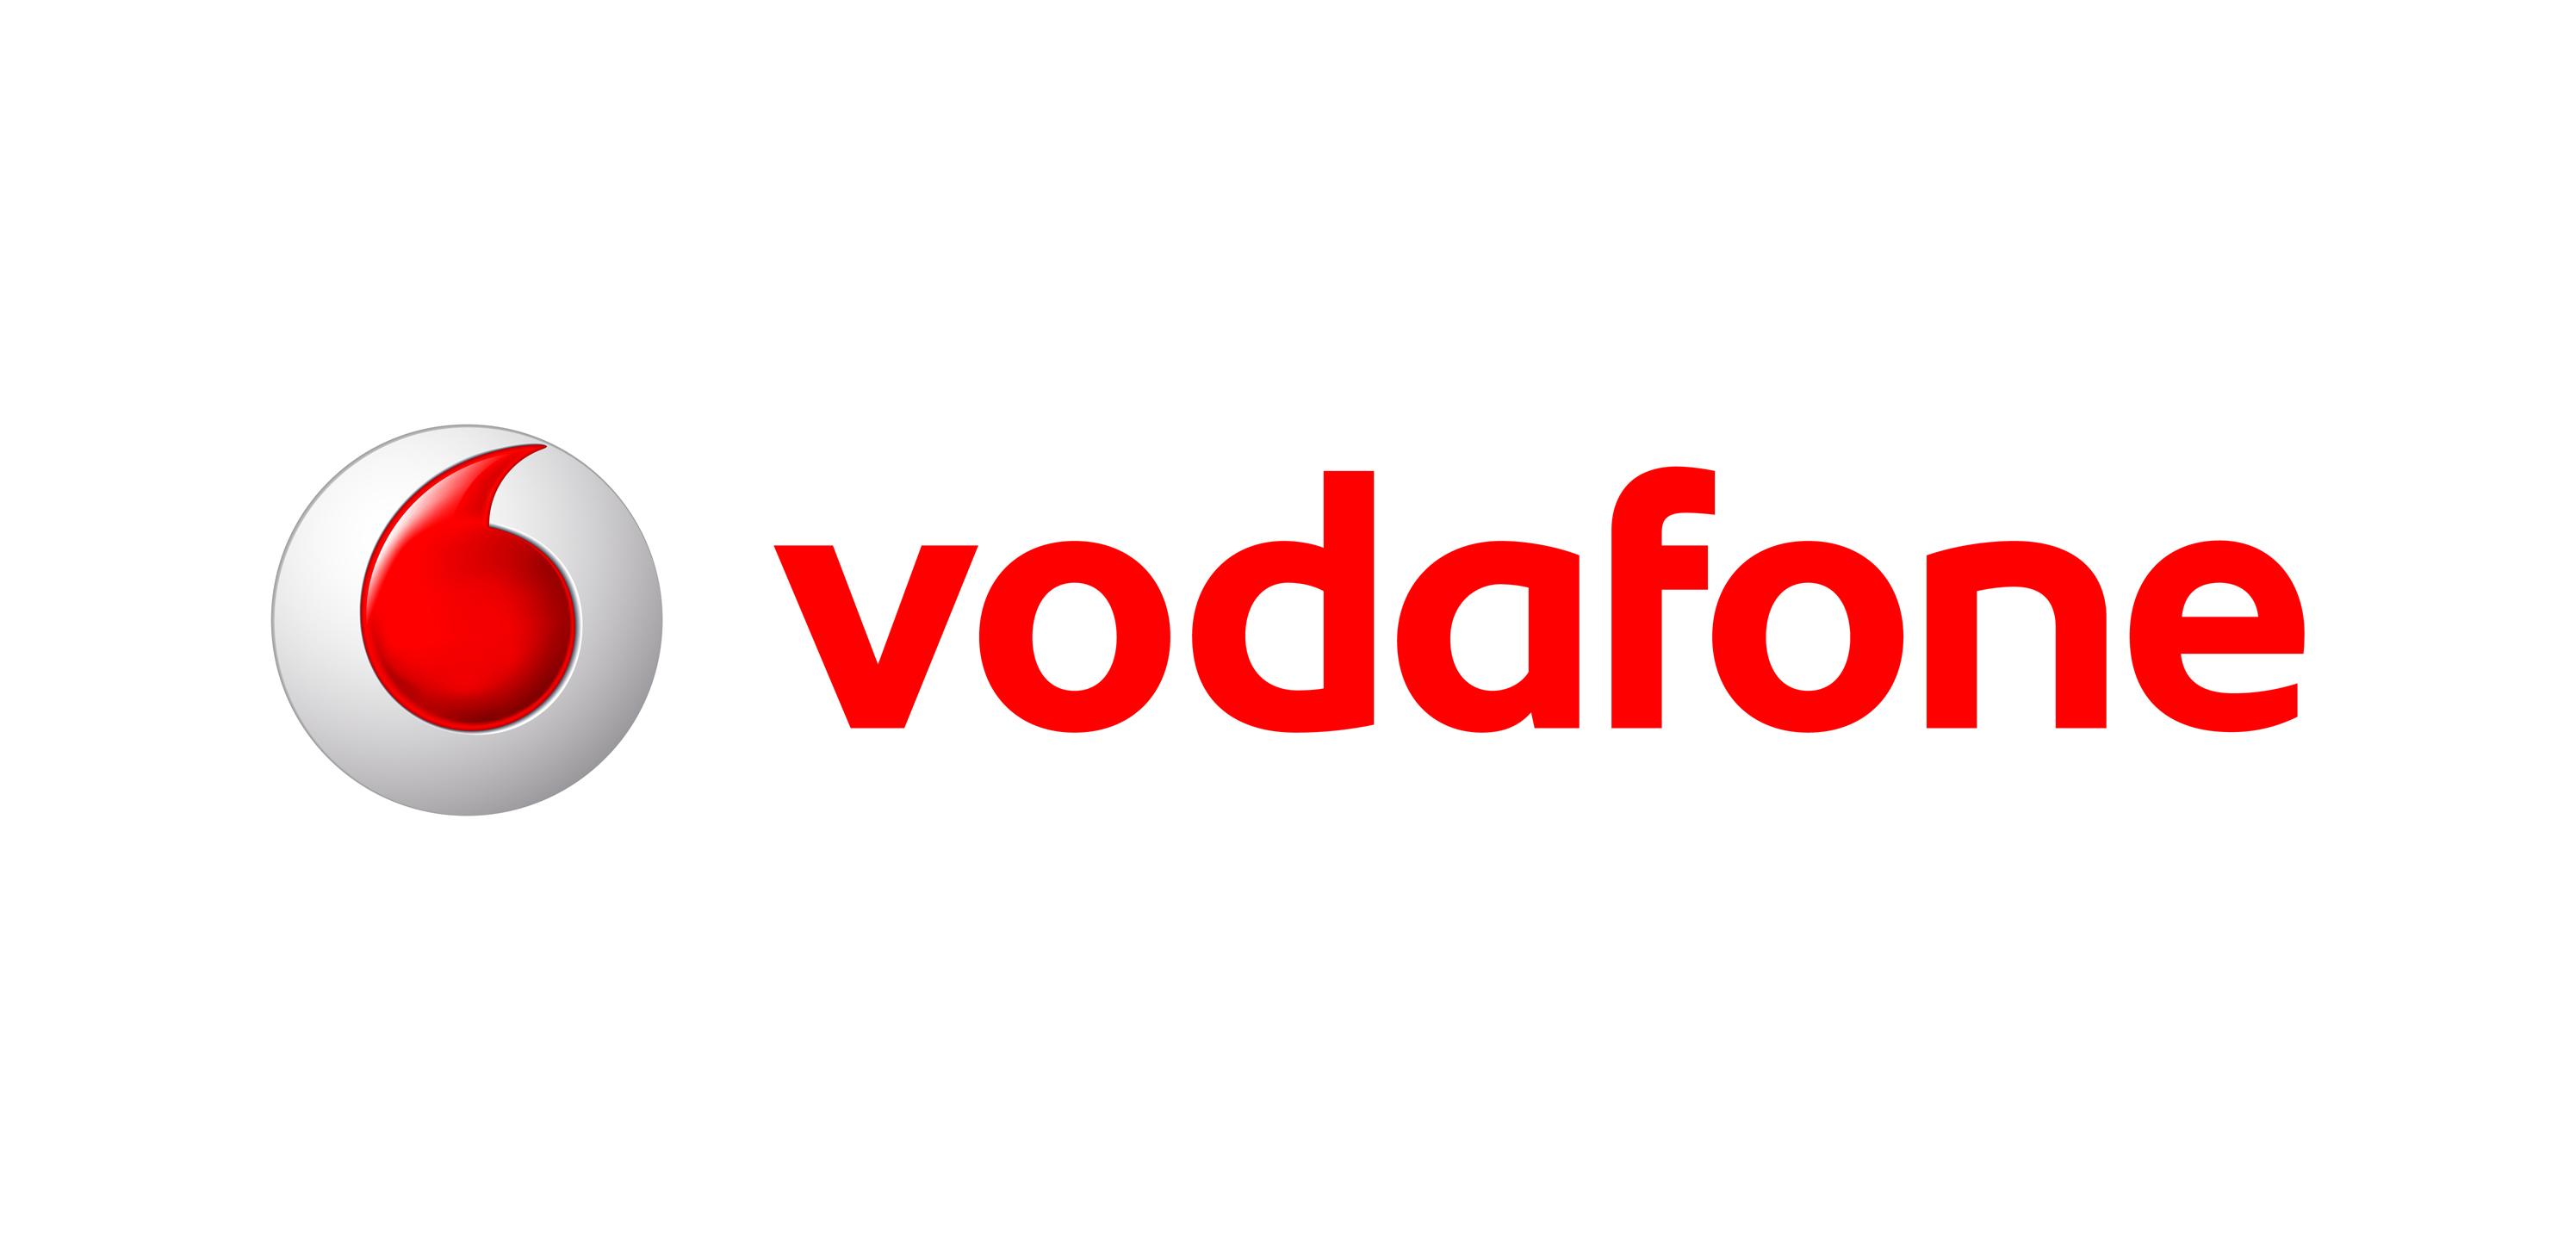 Vodafone hi 2